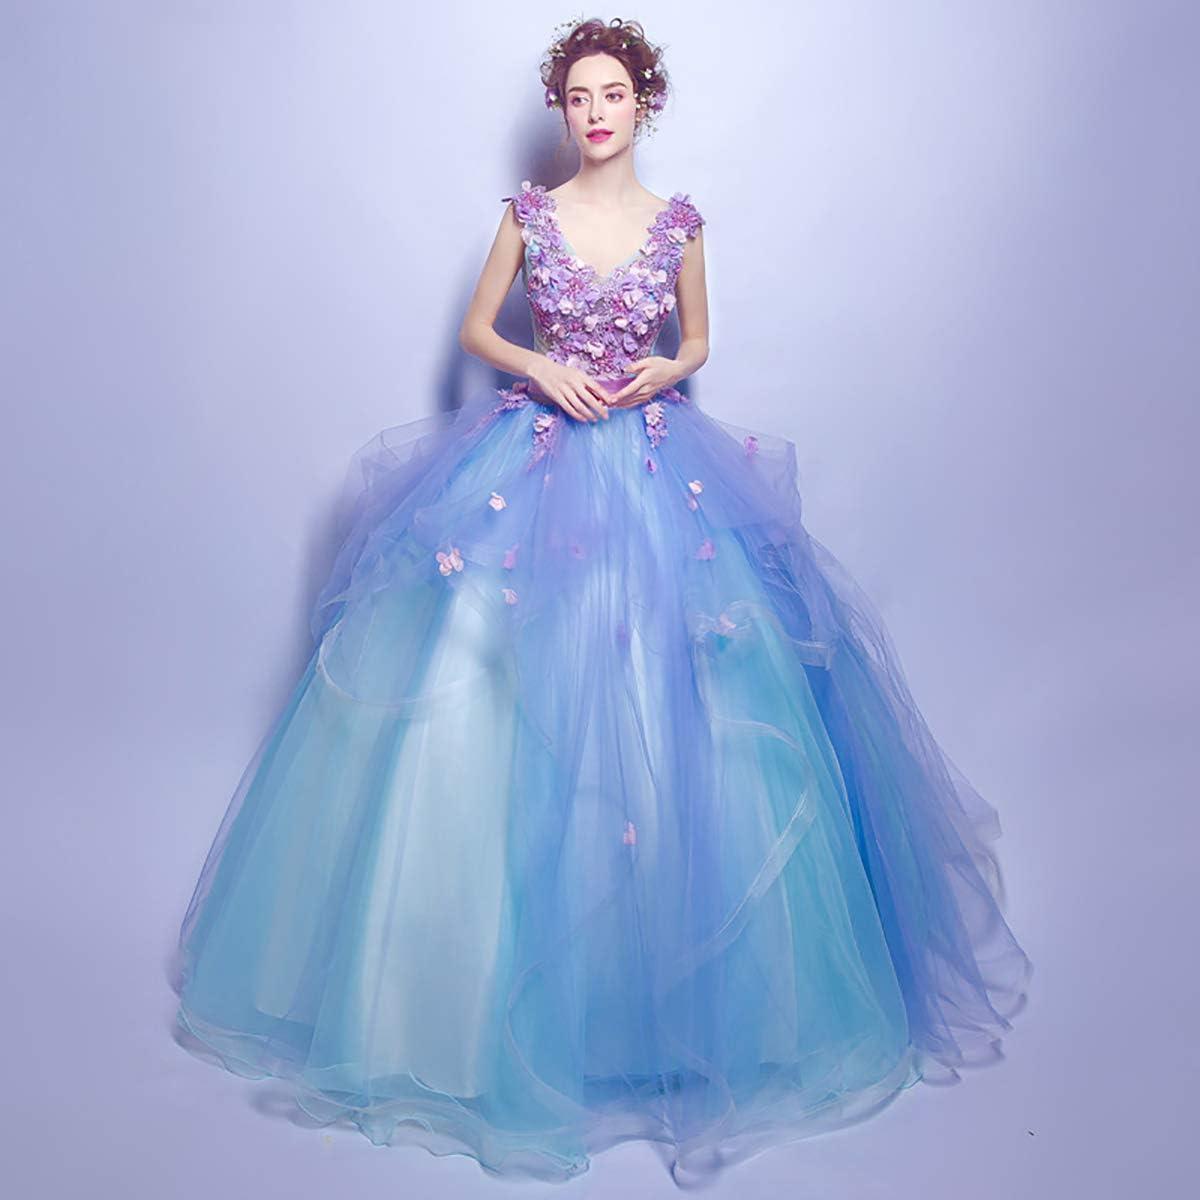 W/&TT Tul de Las Mujeres Encaje Princesa Traje Flor Applique Fuera de Hombros Cenicienta Prom Vestido Vestido de Noche de Boda 16 Vestidos de quincea/ñera,Pink,XS